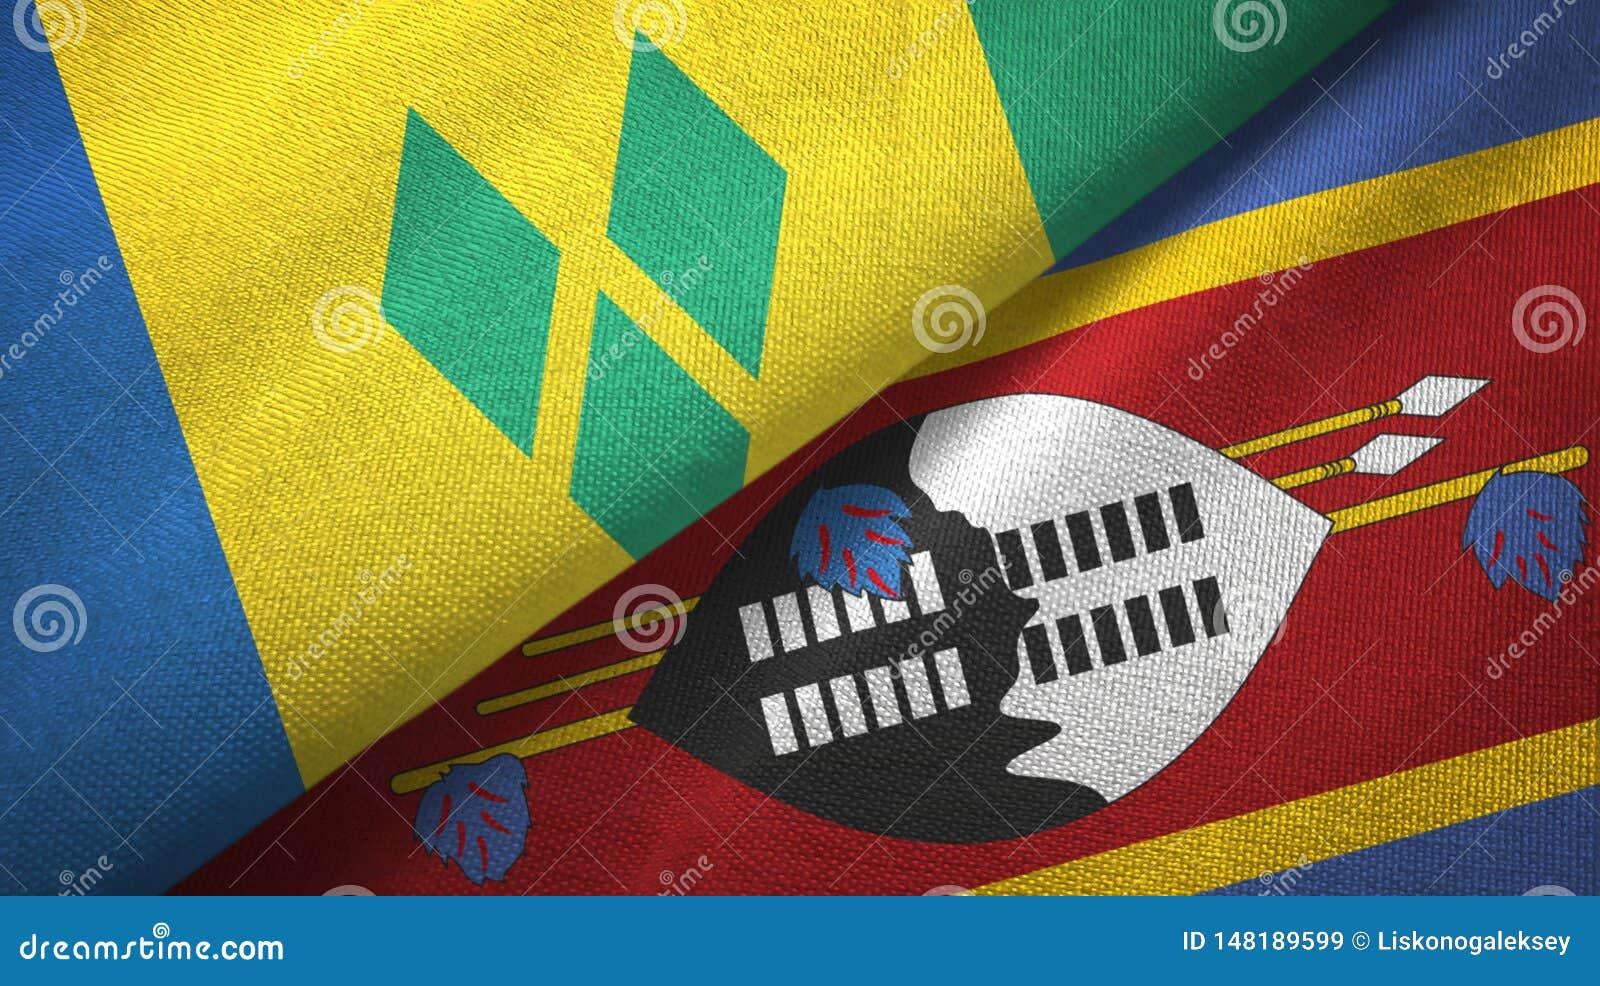 Άγιος Βικέντιος και Γρεναδίνες και Eswatini Σουαζιλάνδη δύο σημαίες